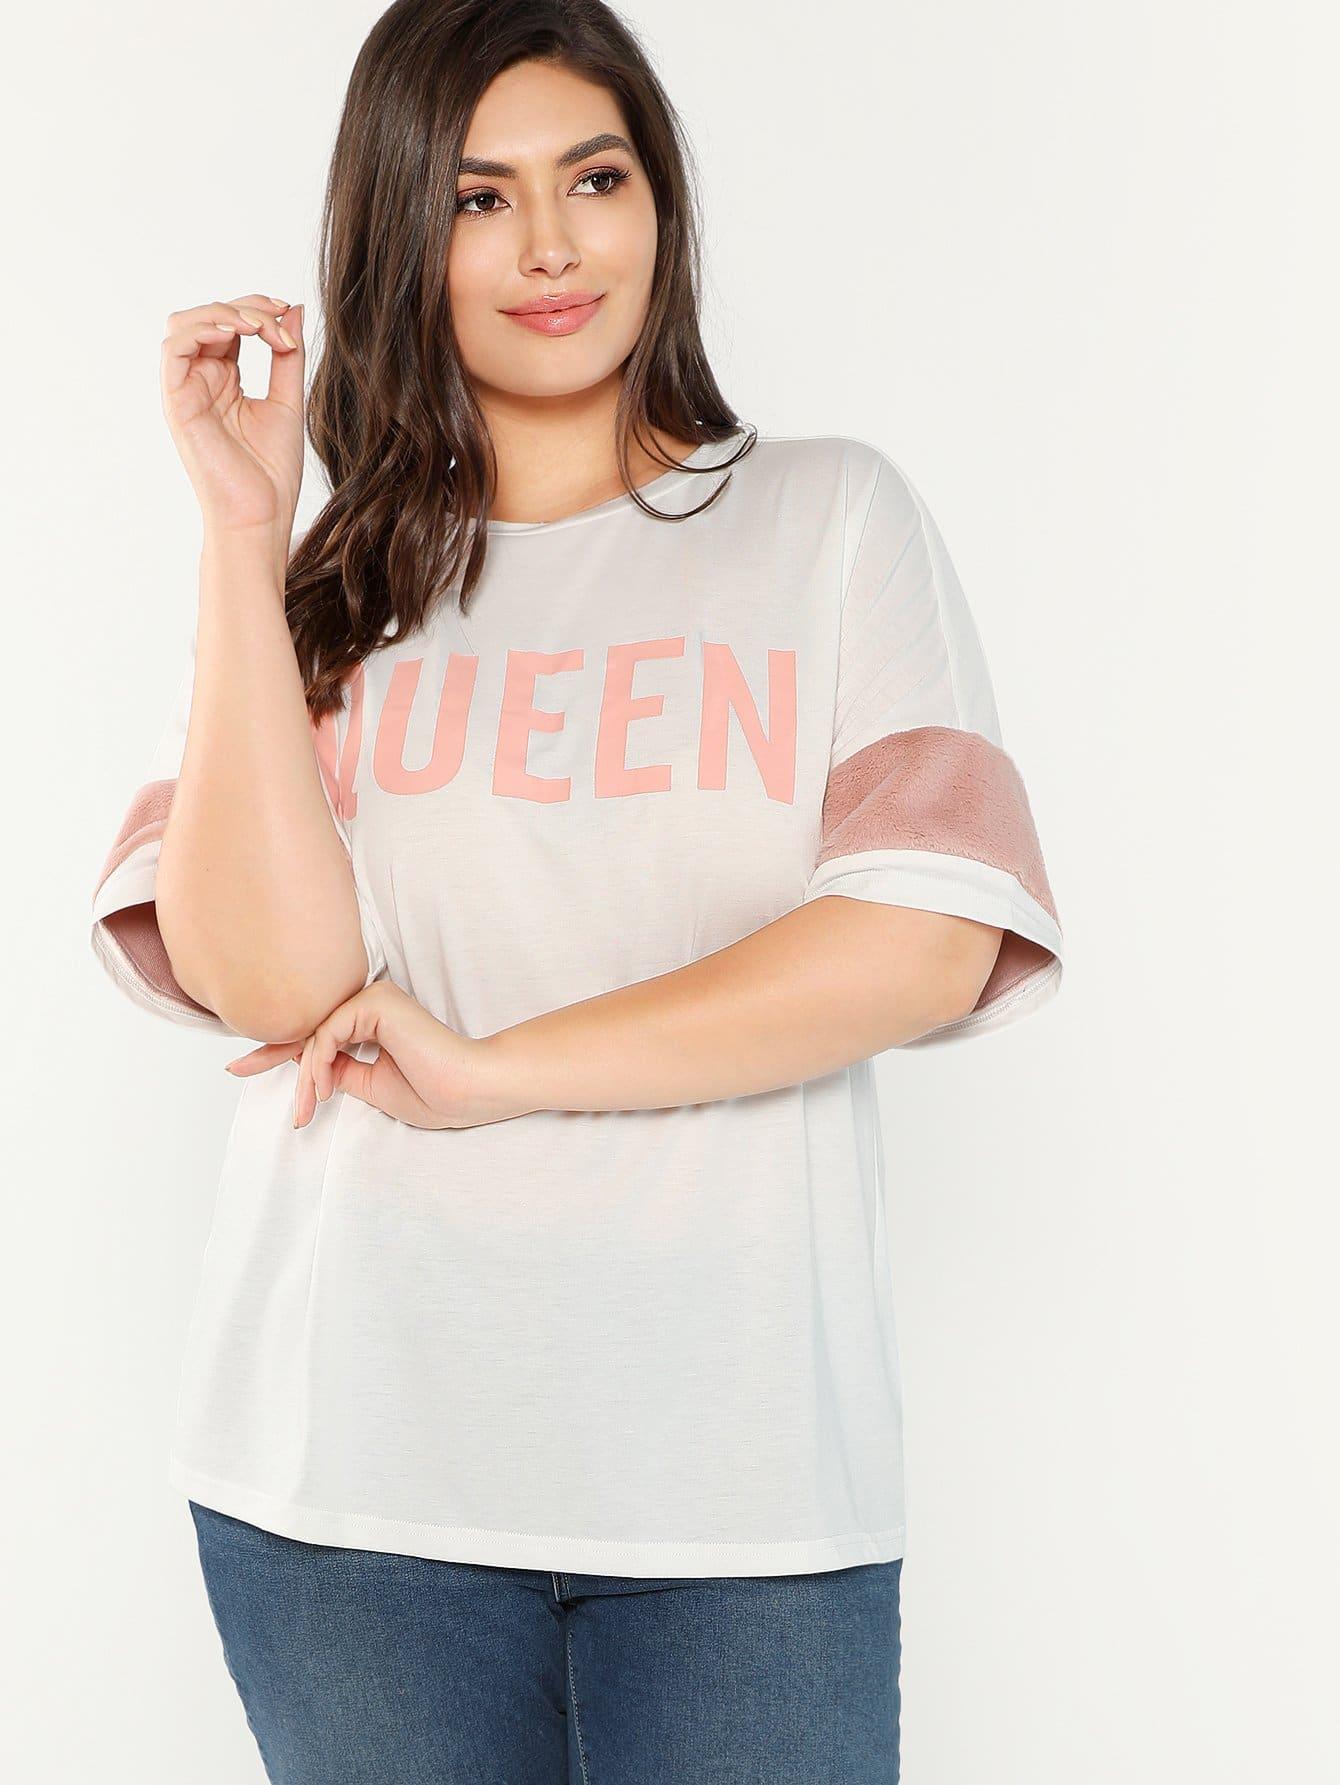 Купить Плюс размеры футболка с текстовым принтом, Elisa Krug, SheIn